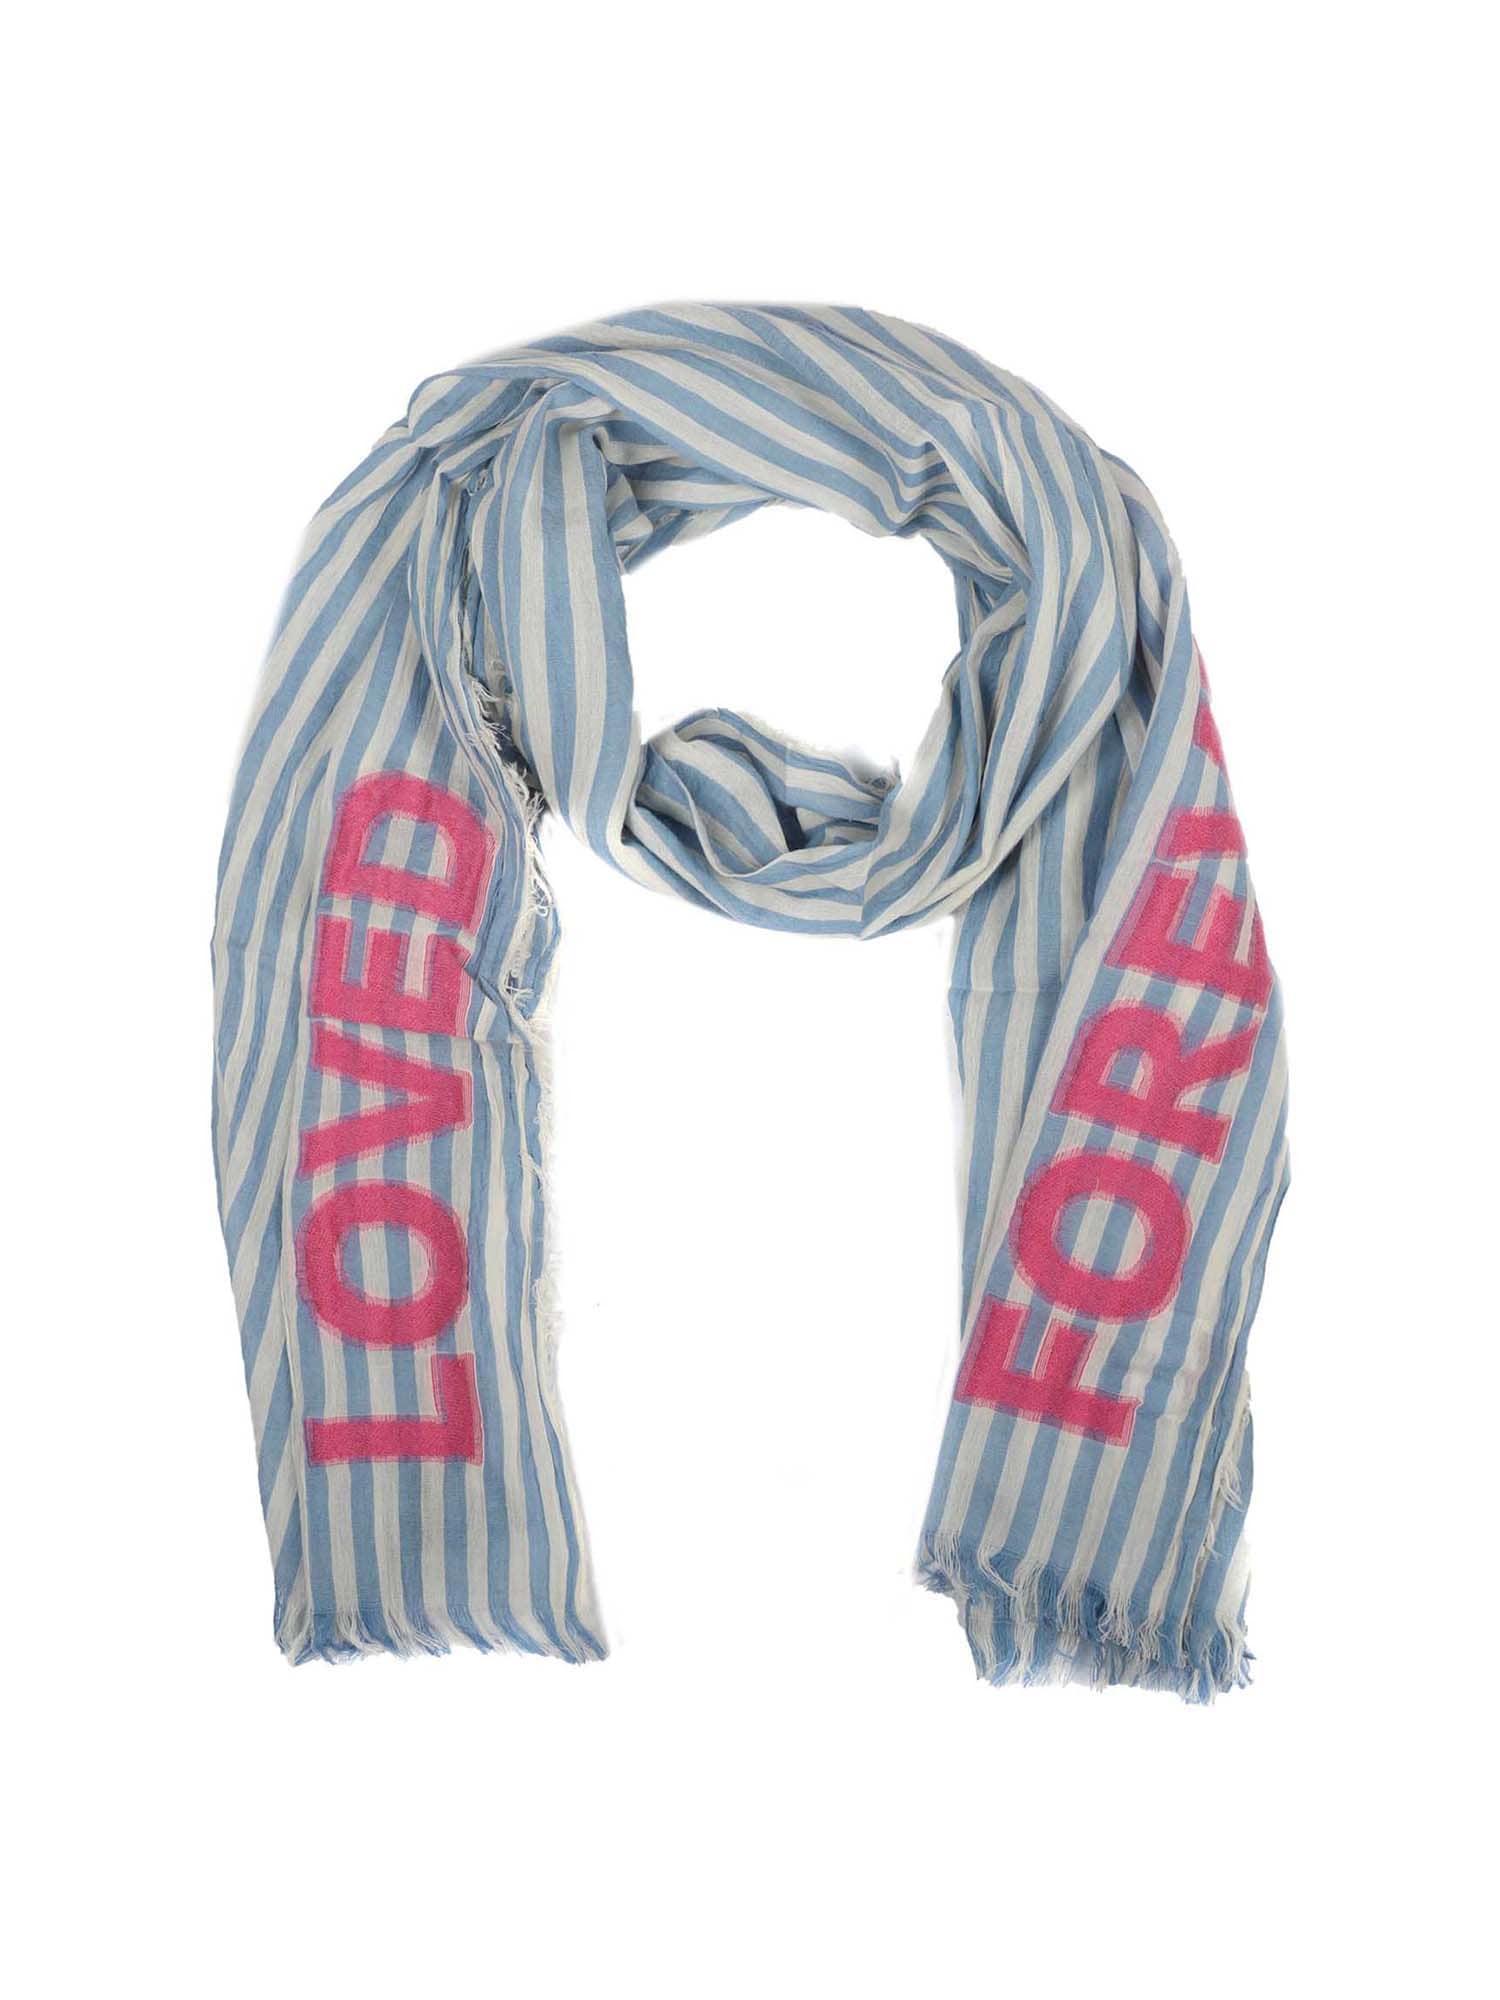 Šátek Loved forever modrá pink Zwillingsherz